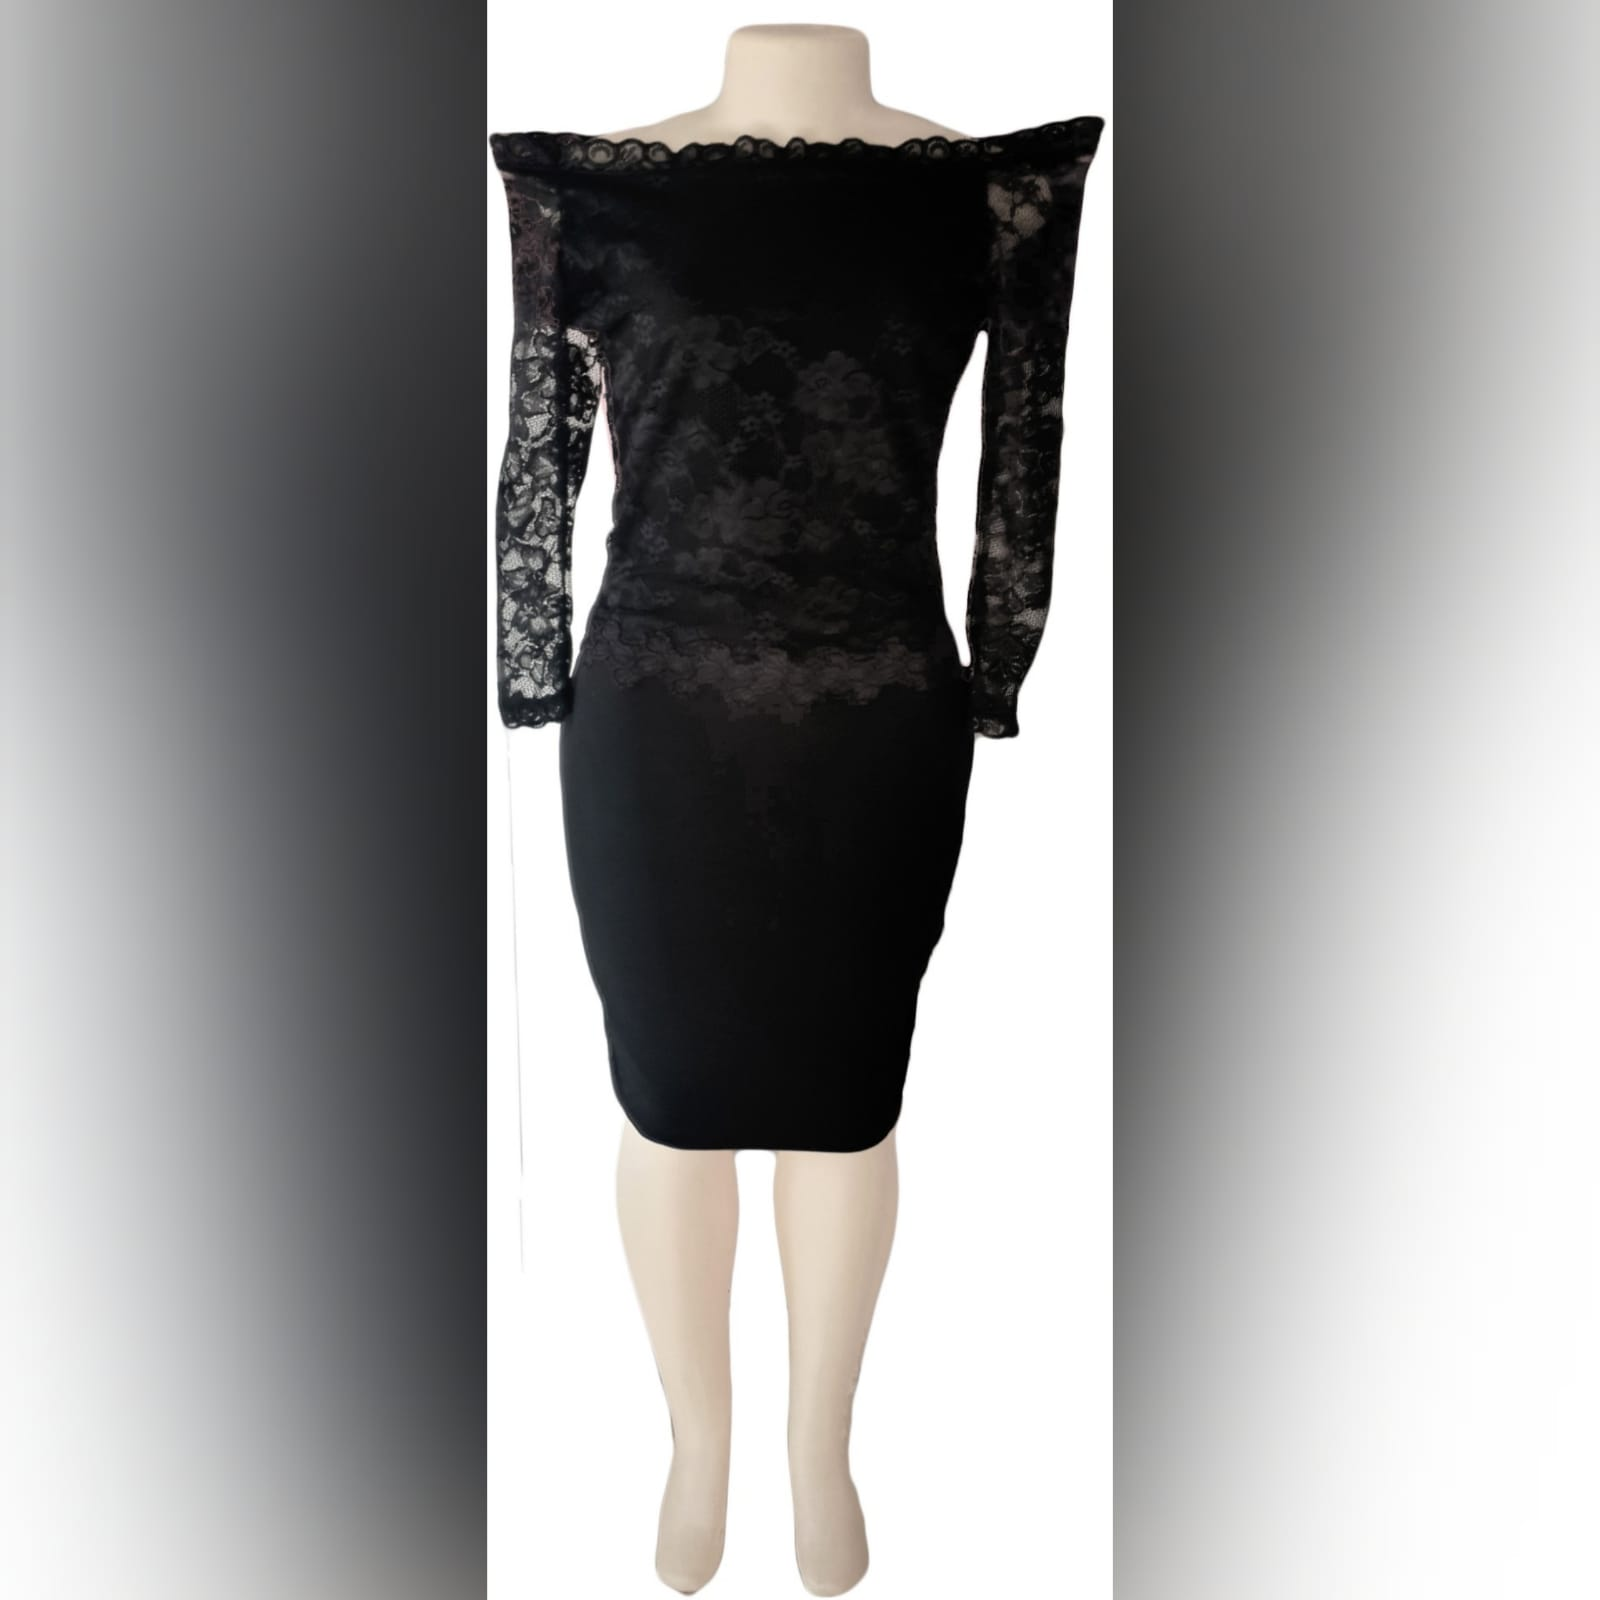 Vestido curto preto chic 2 vestido curto preto chic na altura do joelho. Com um corpete de renda elástica, fora de ombro, com longas mangas de renda translucida.